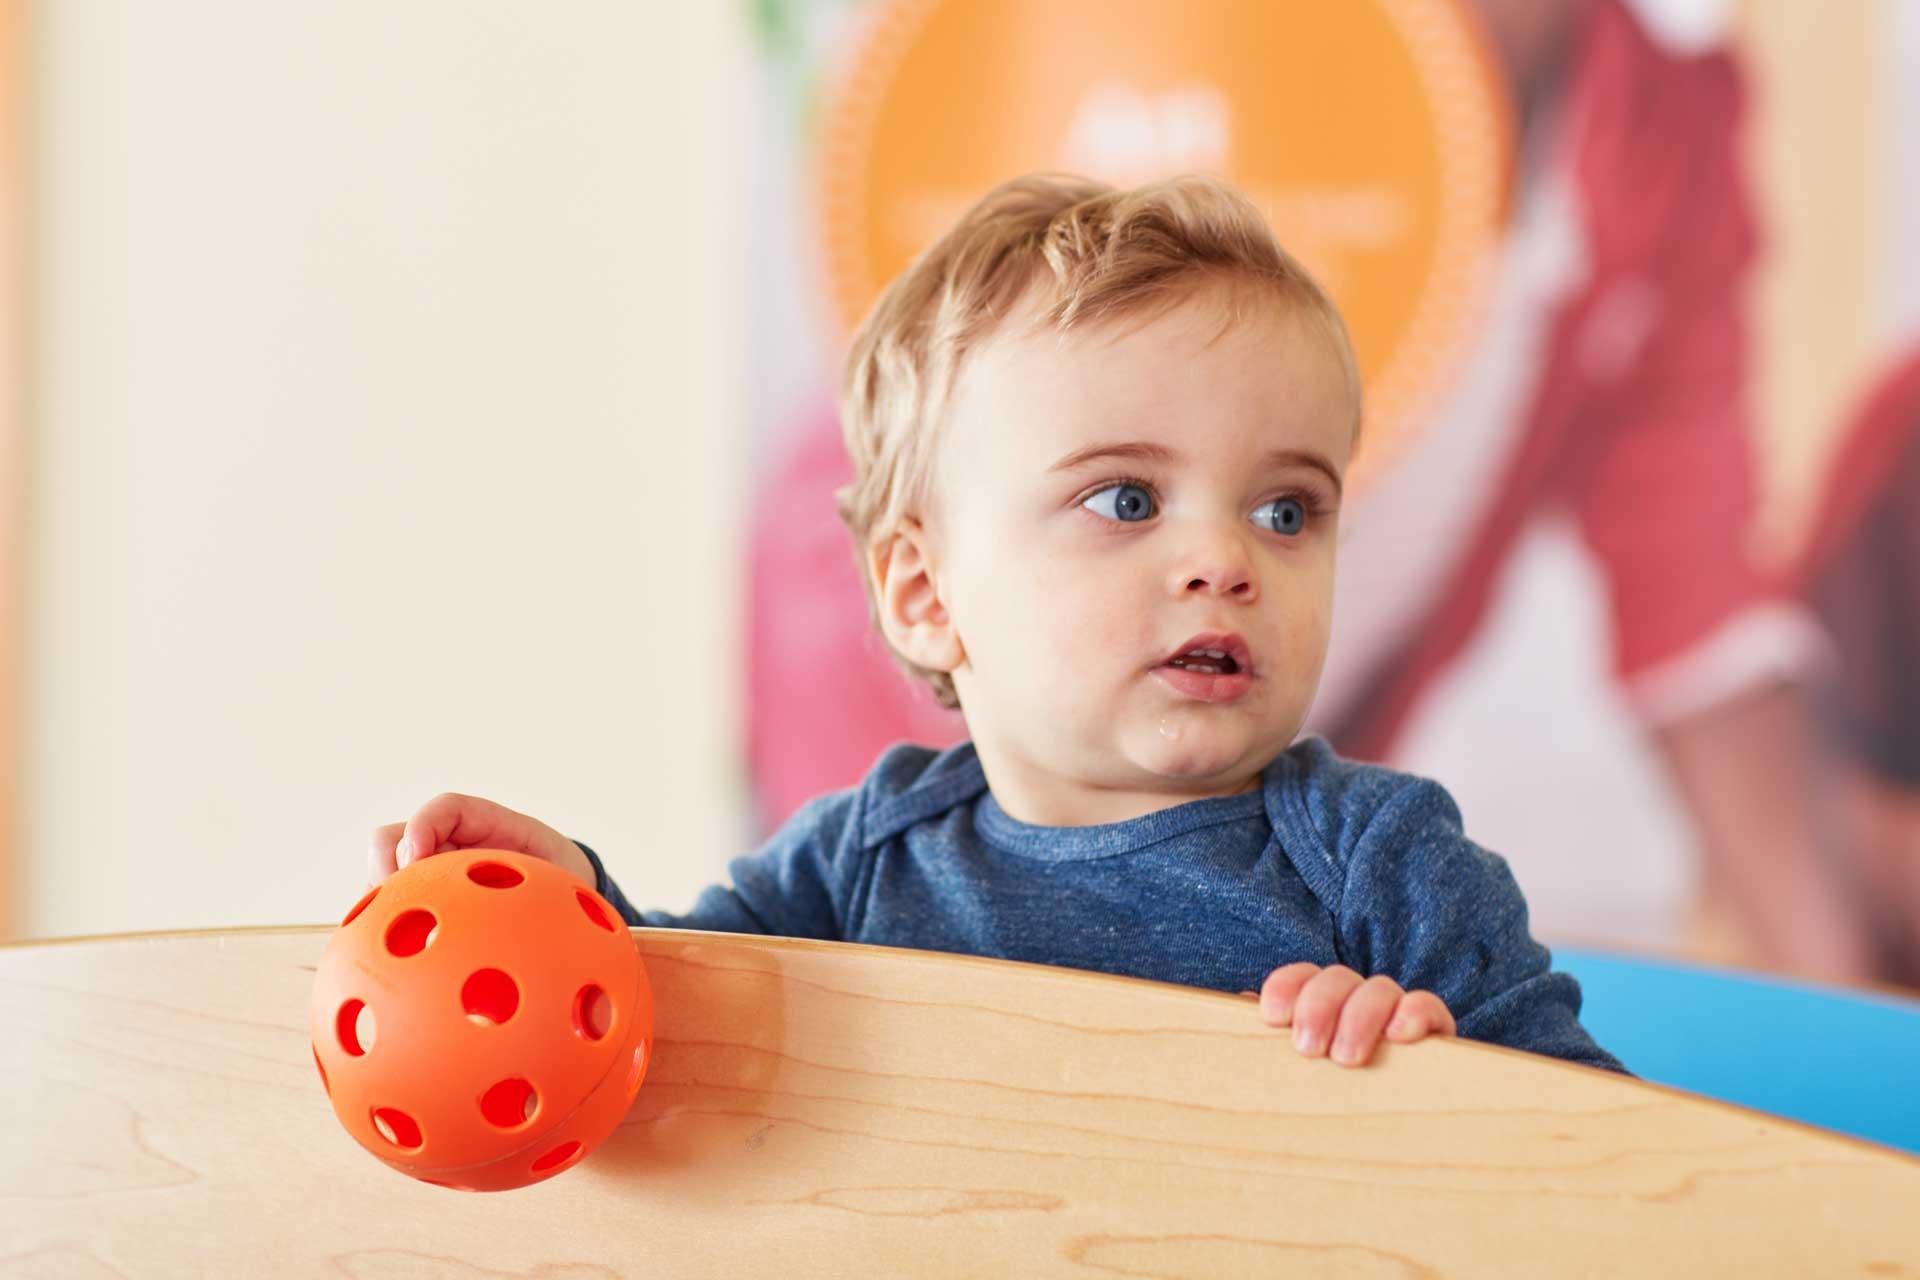 top 10, brincadeiras, Chicco, Espreguiçadeira, carrinho de bebé, roupa bebé, roupa bébé, roupa bebe, licença parental, abono de família, creche, dodot, cadeiras auto, cadeira auto, roupa de bebé, roupas de bebés, berços bebé, licença de maternidade, roupa criança, andarilho bebe, jardim de infância, fraldas, sapatilhas criança, carrinho bebé, carrinho bebe, ténis criança, isofix, biberões, roupas recém nascido, camas bebé, alcofa, loja chicco, loja de bebé, sapatos bebé, cadeiras bebé, berços bebé, nomes de bebé, chicco outlet, chuchas, babygrow, cadeira auto bebé, gymboree, brincar, desenvolvimento infantil, pediatra, pediatras, mãe, pai, parentalidade, empreendedorismo, Decathlon, Benfica, Worten, Continente, Fnac, Pingo Doce, Auchan, Jumbo, Lidl, Decathlon Alfragide, Chicco, Monsanto, Bicicleta, Decathlon Lisboa, Dodot, Parque Infantil, quinta das Conchas, Horário